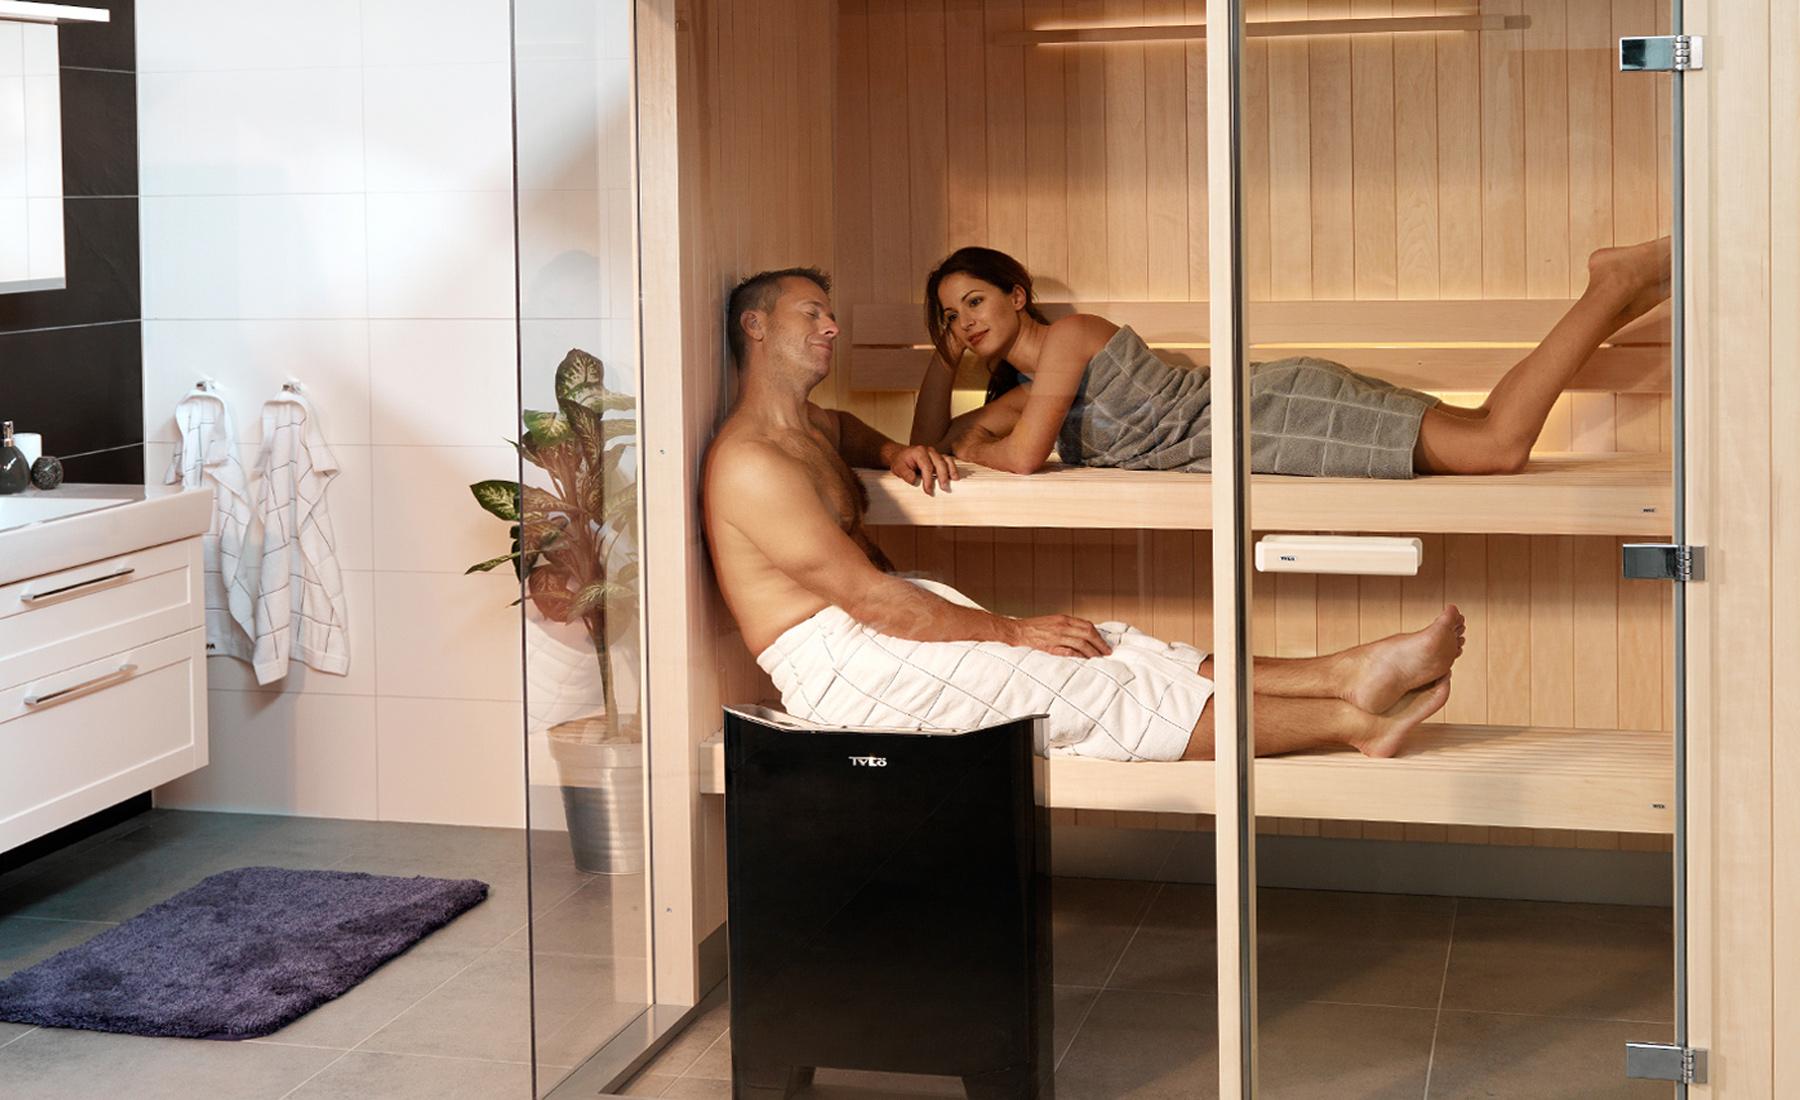 tylö sauna für zuhause pforzheim